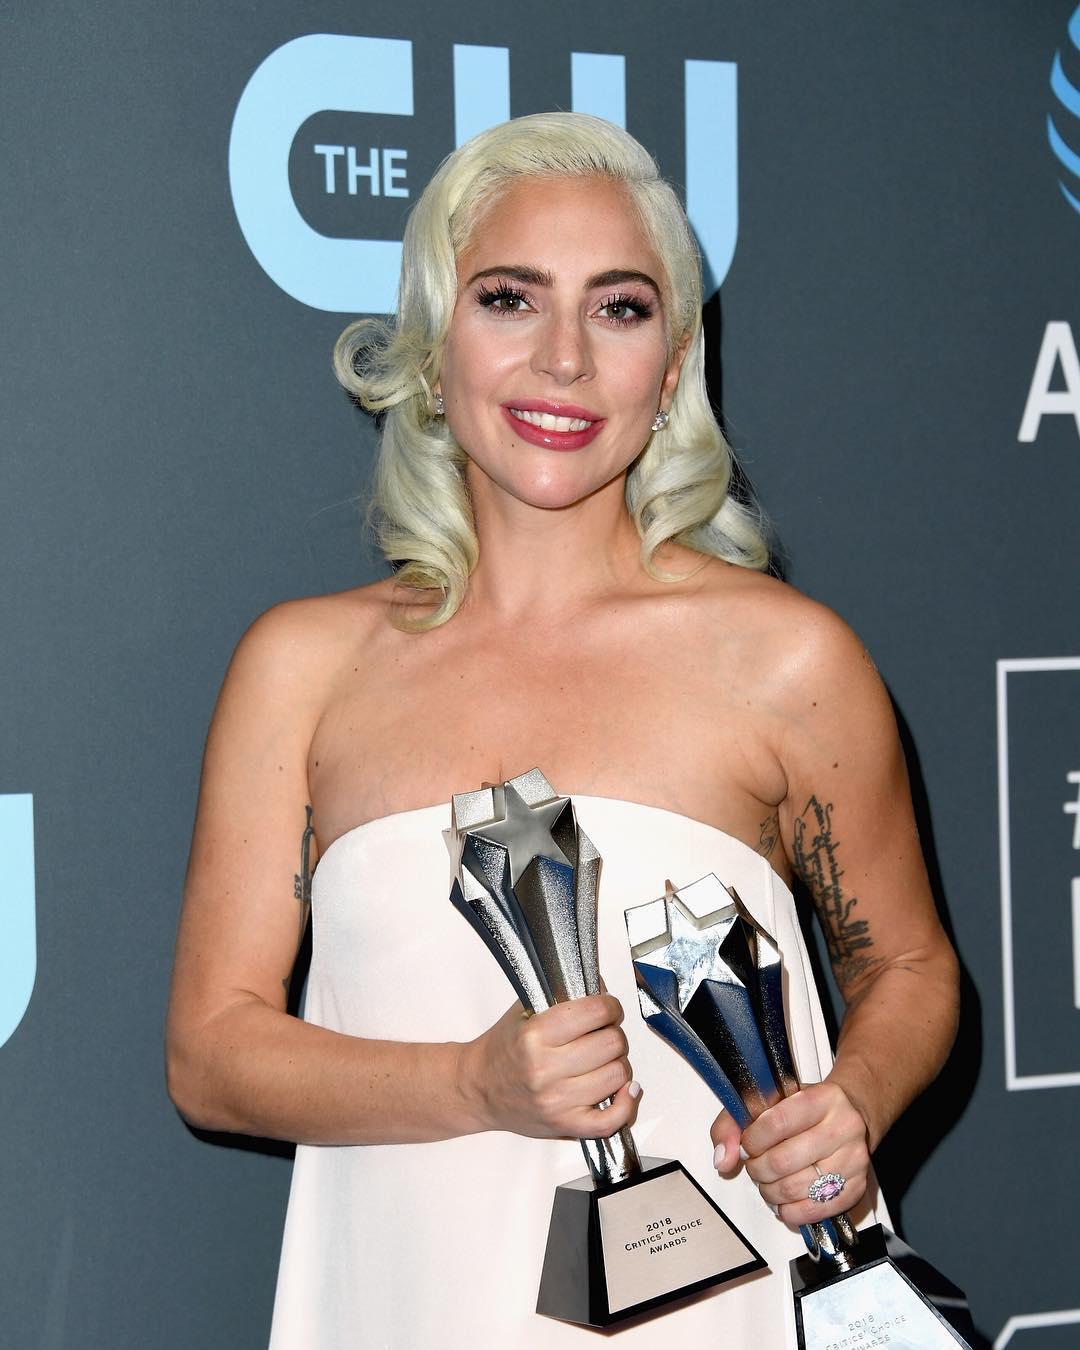 I ripetuti stupri subiti da Lady Gaga: se il dolore di un vip può aiutare gli altri